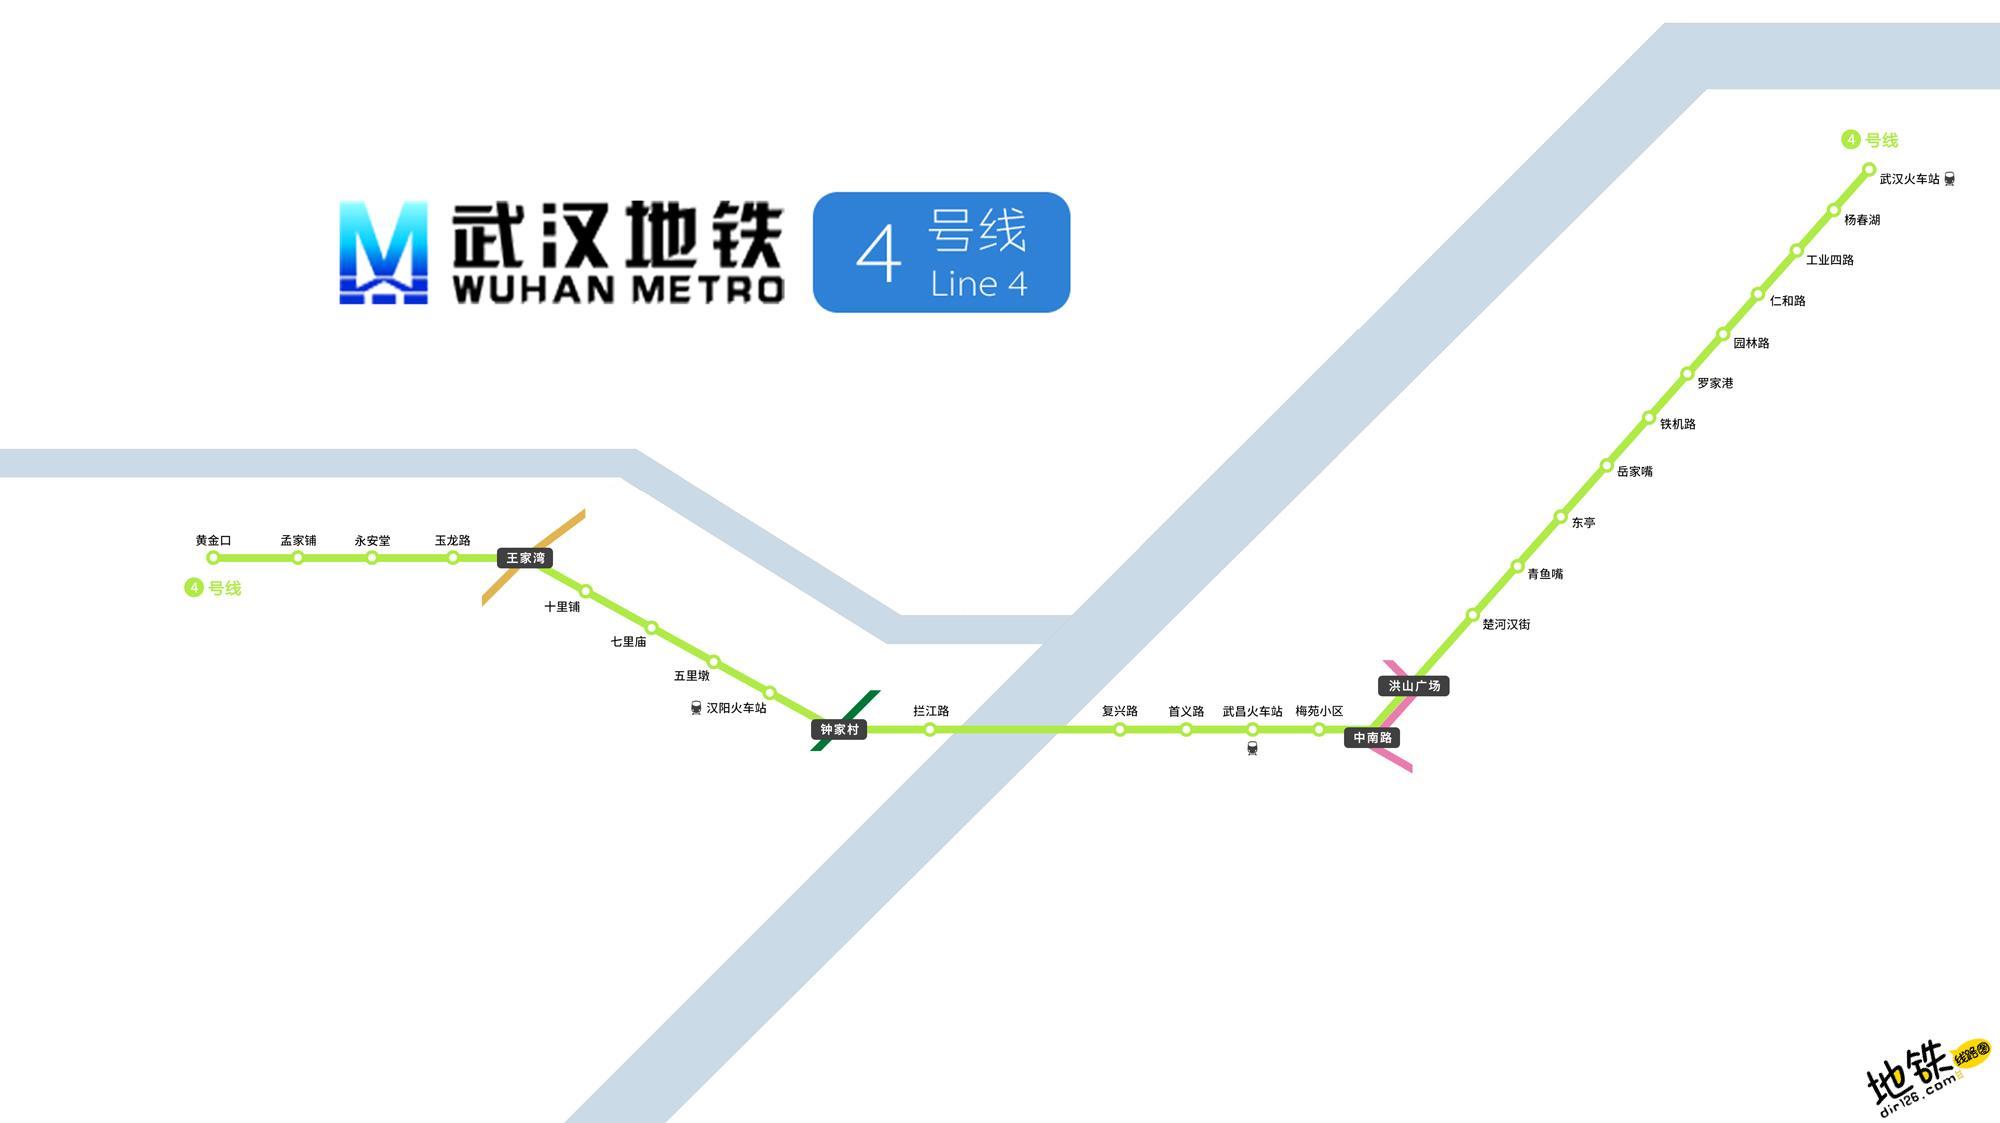 武汉地铁4号线线路图 运营时间票价站点 查询下载 武汉地铁4号线查询 武汉地铁4号线运营时间 武汉地铁4号线线路图 武汉地铁4号线 武汉地铁四号线 武汉地铁线路图  第2张